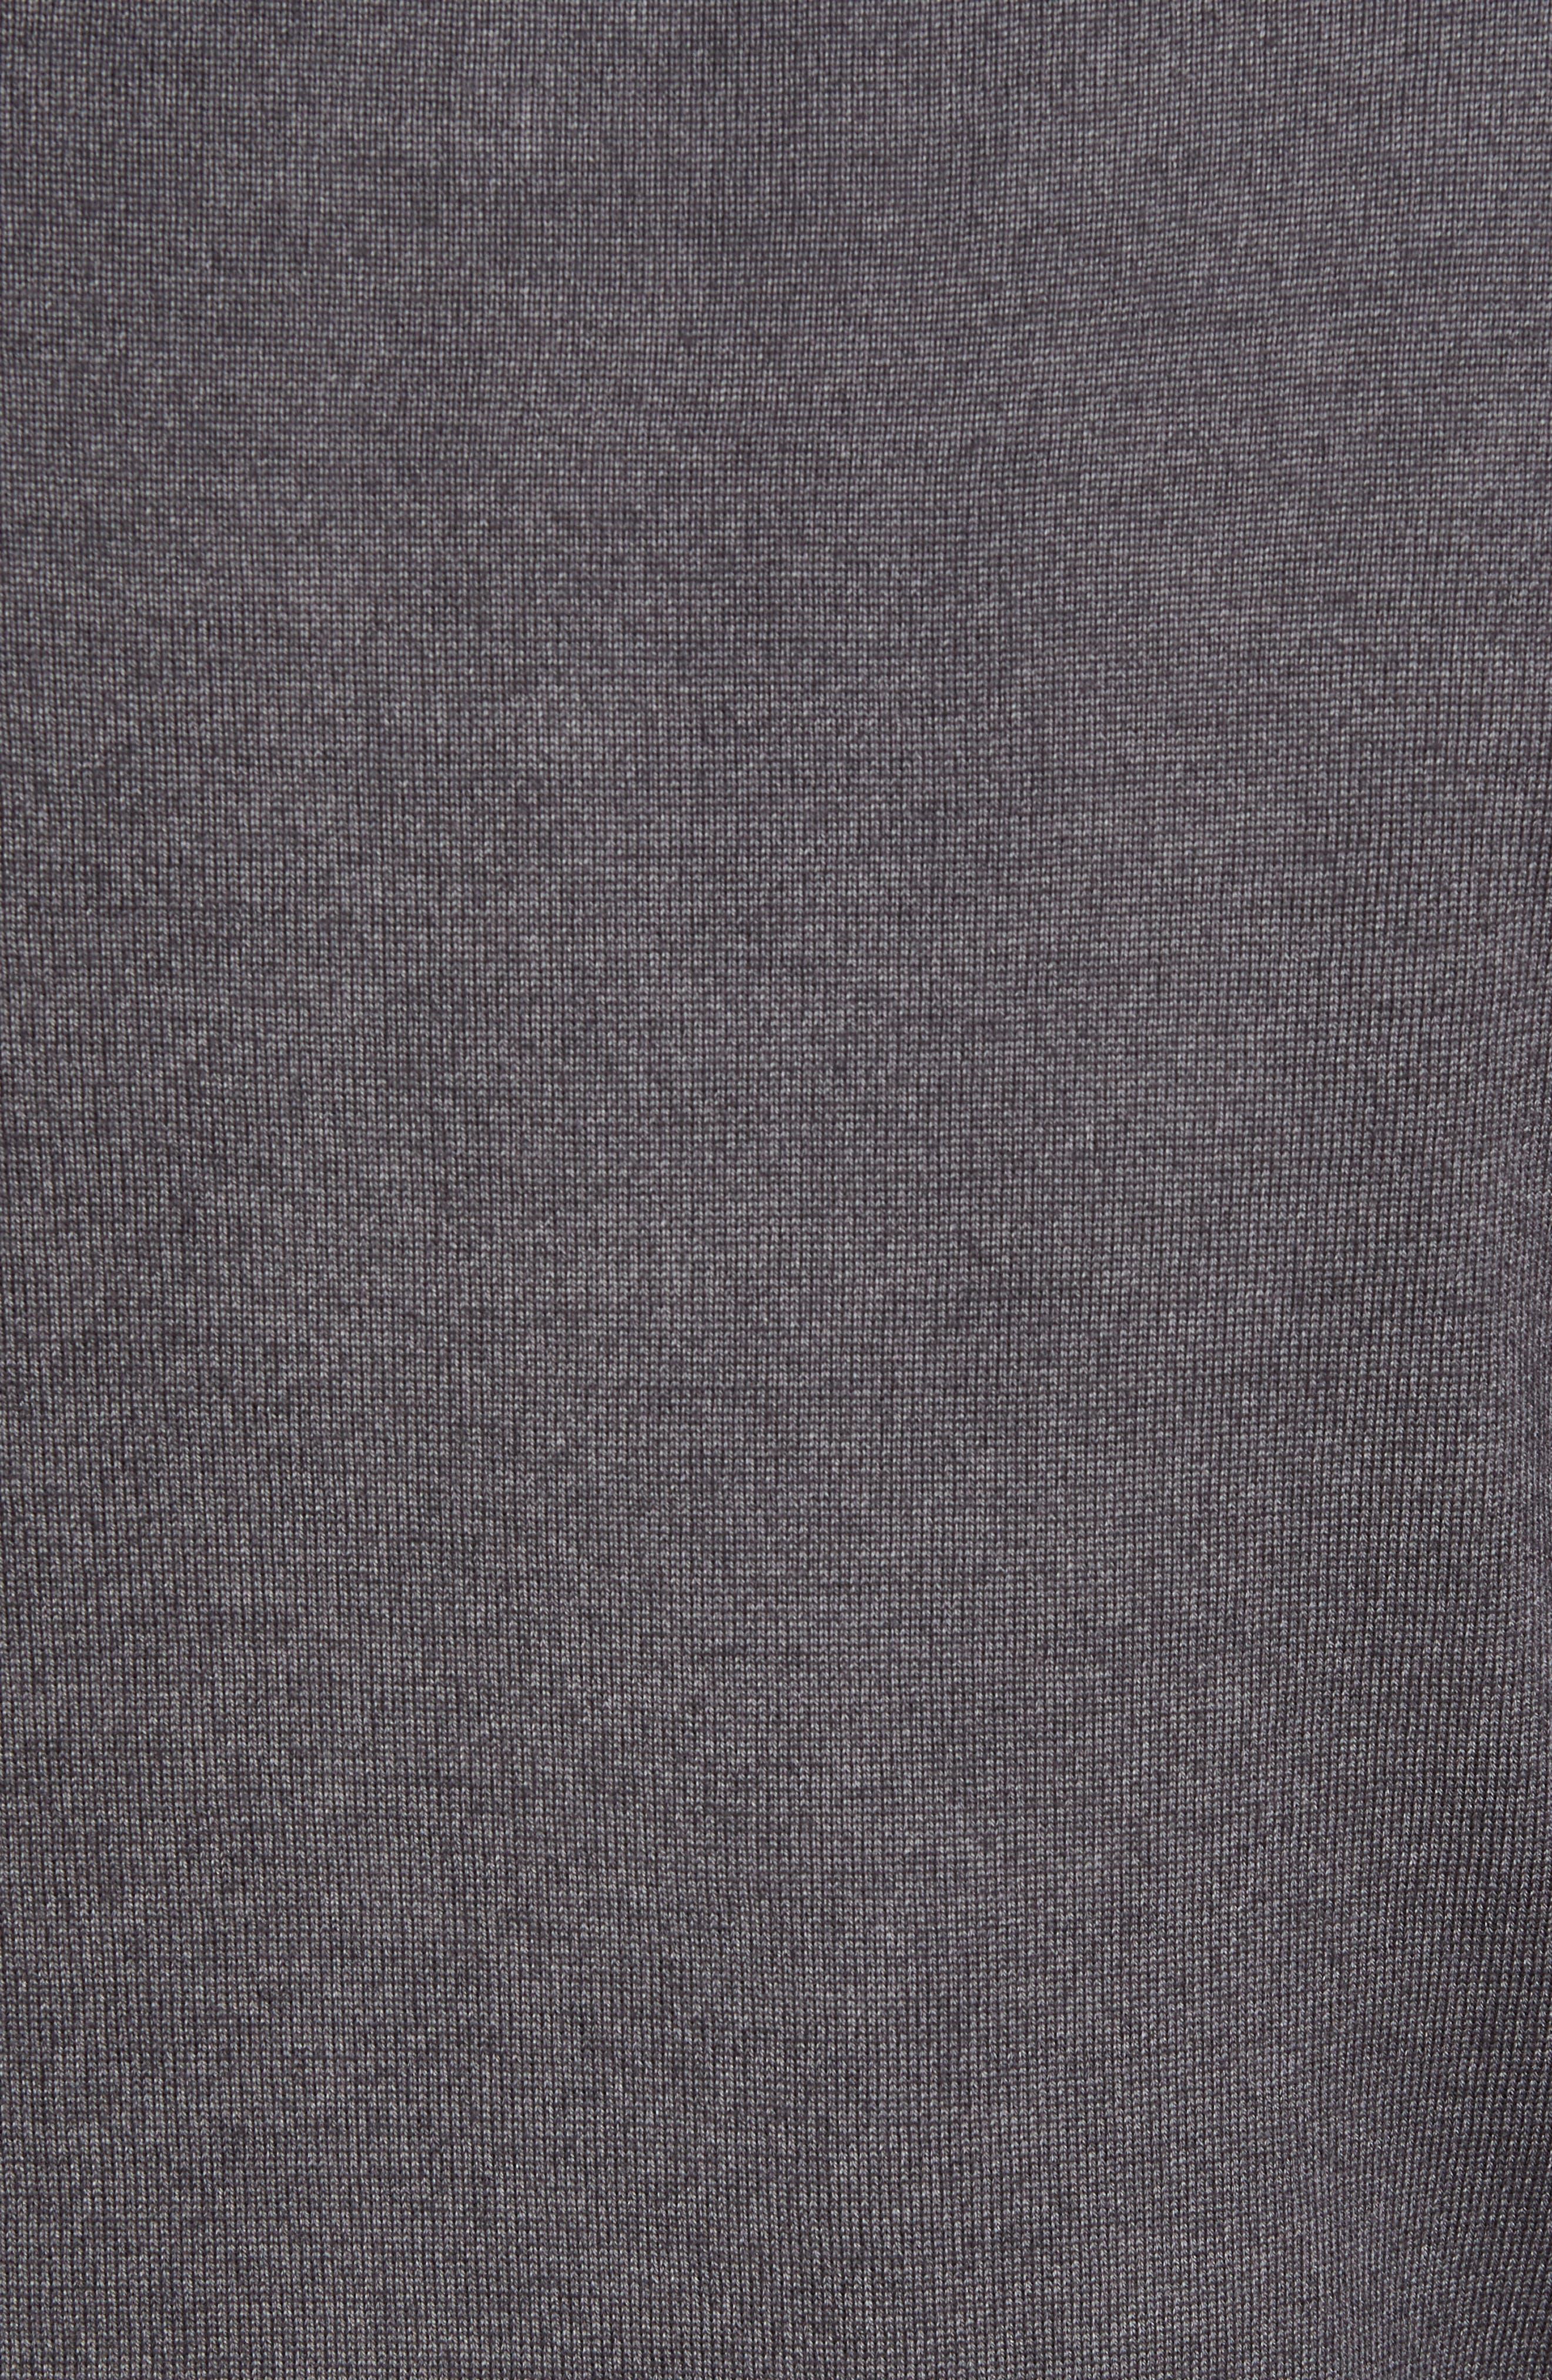 Alternate Image 5  - David Donahue Ice Merino Wool Quarter Zip Pullover